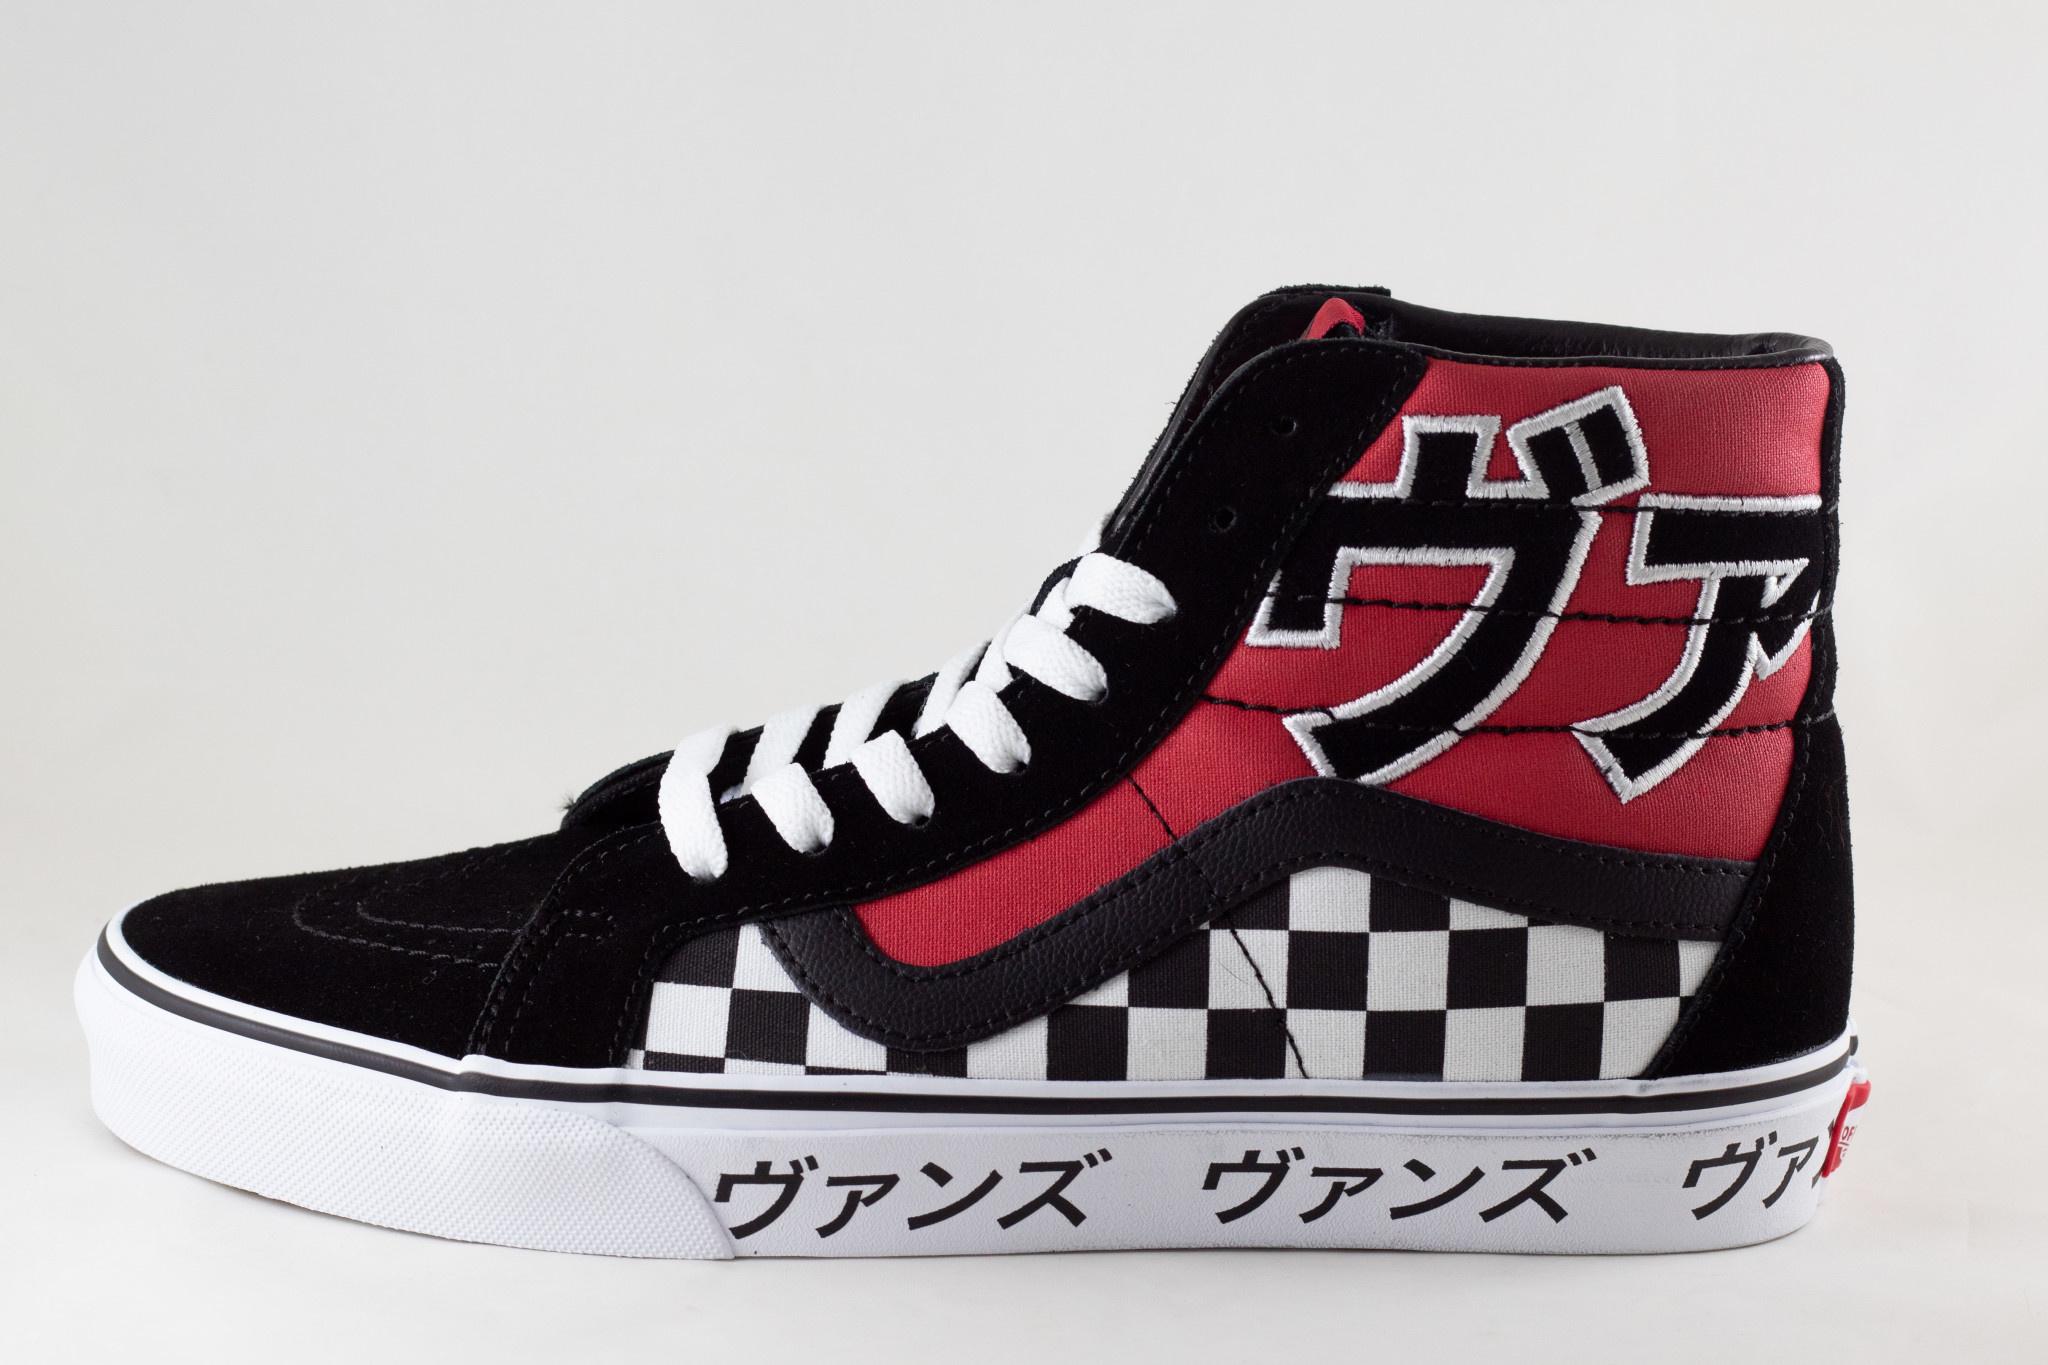 VANS SK8-HI REISSUE  (JAPAN PACK) Black/ Racing Red/ White